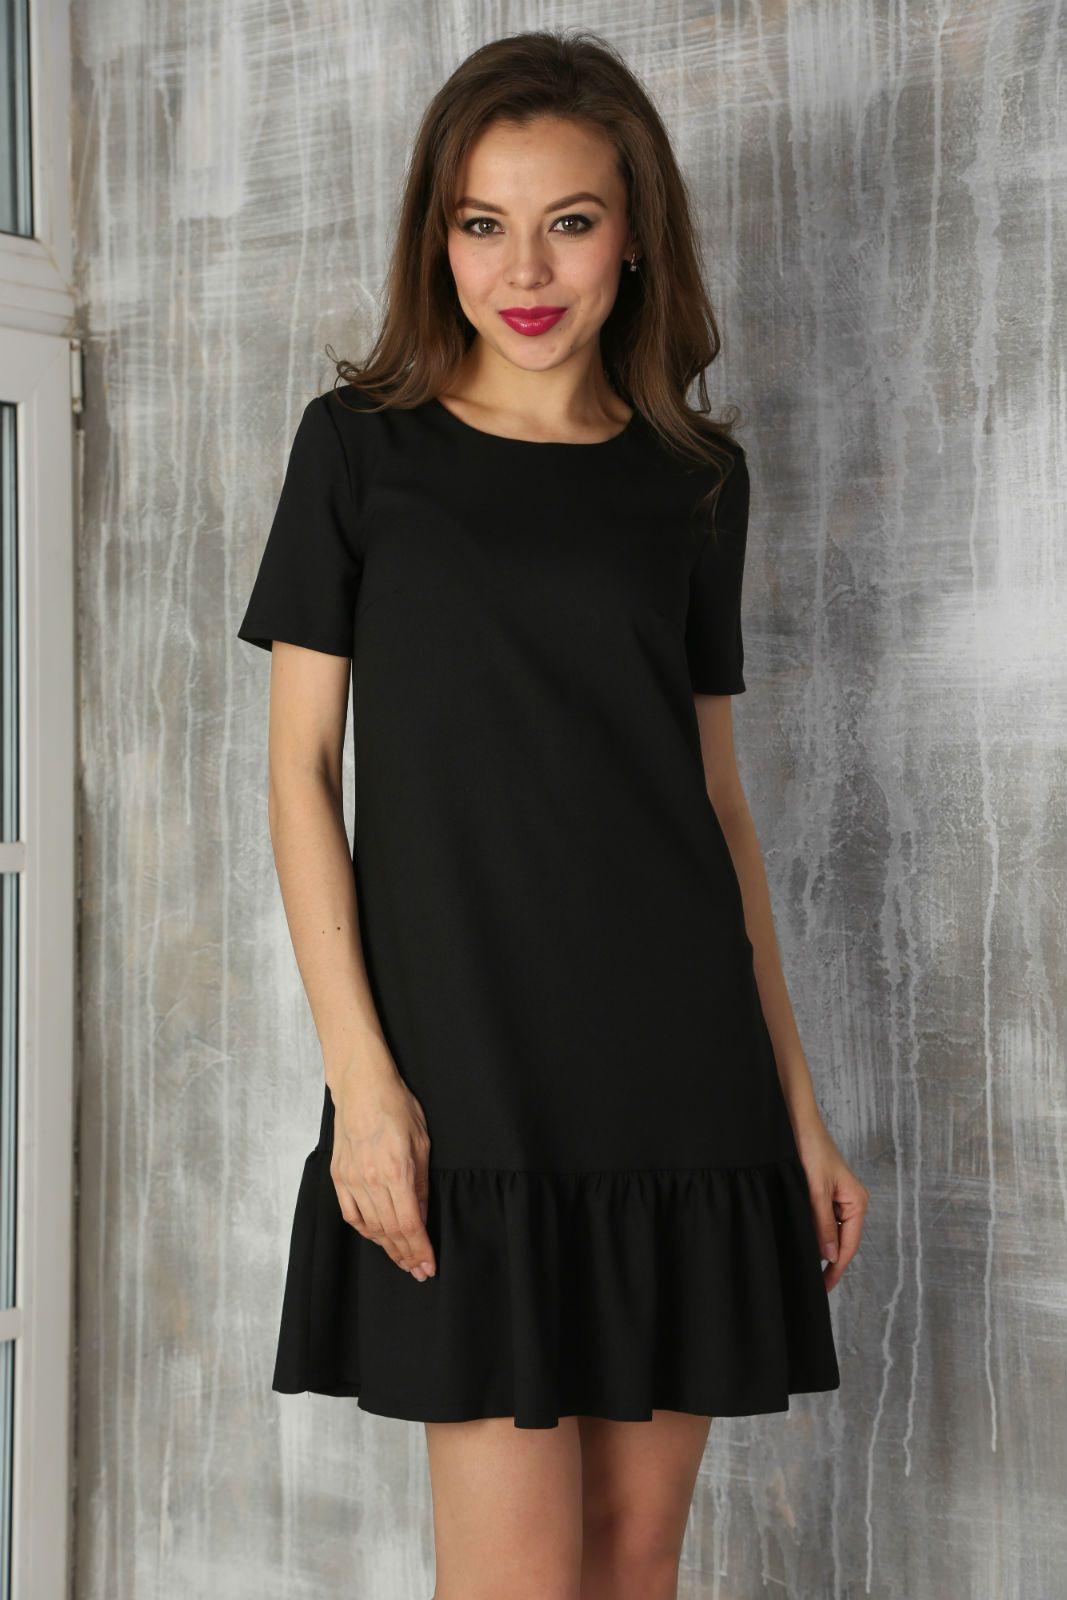 Designer Top Maxi Winterkleider Vertrieb  Abendkleid